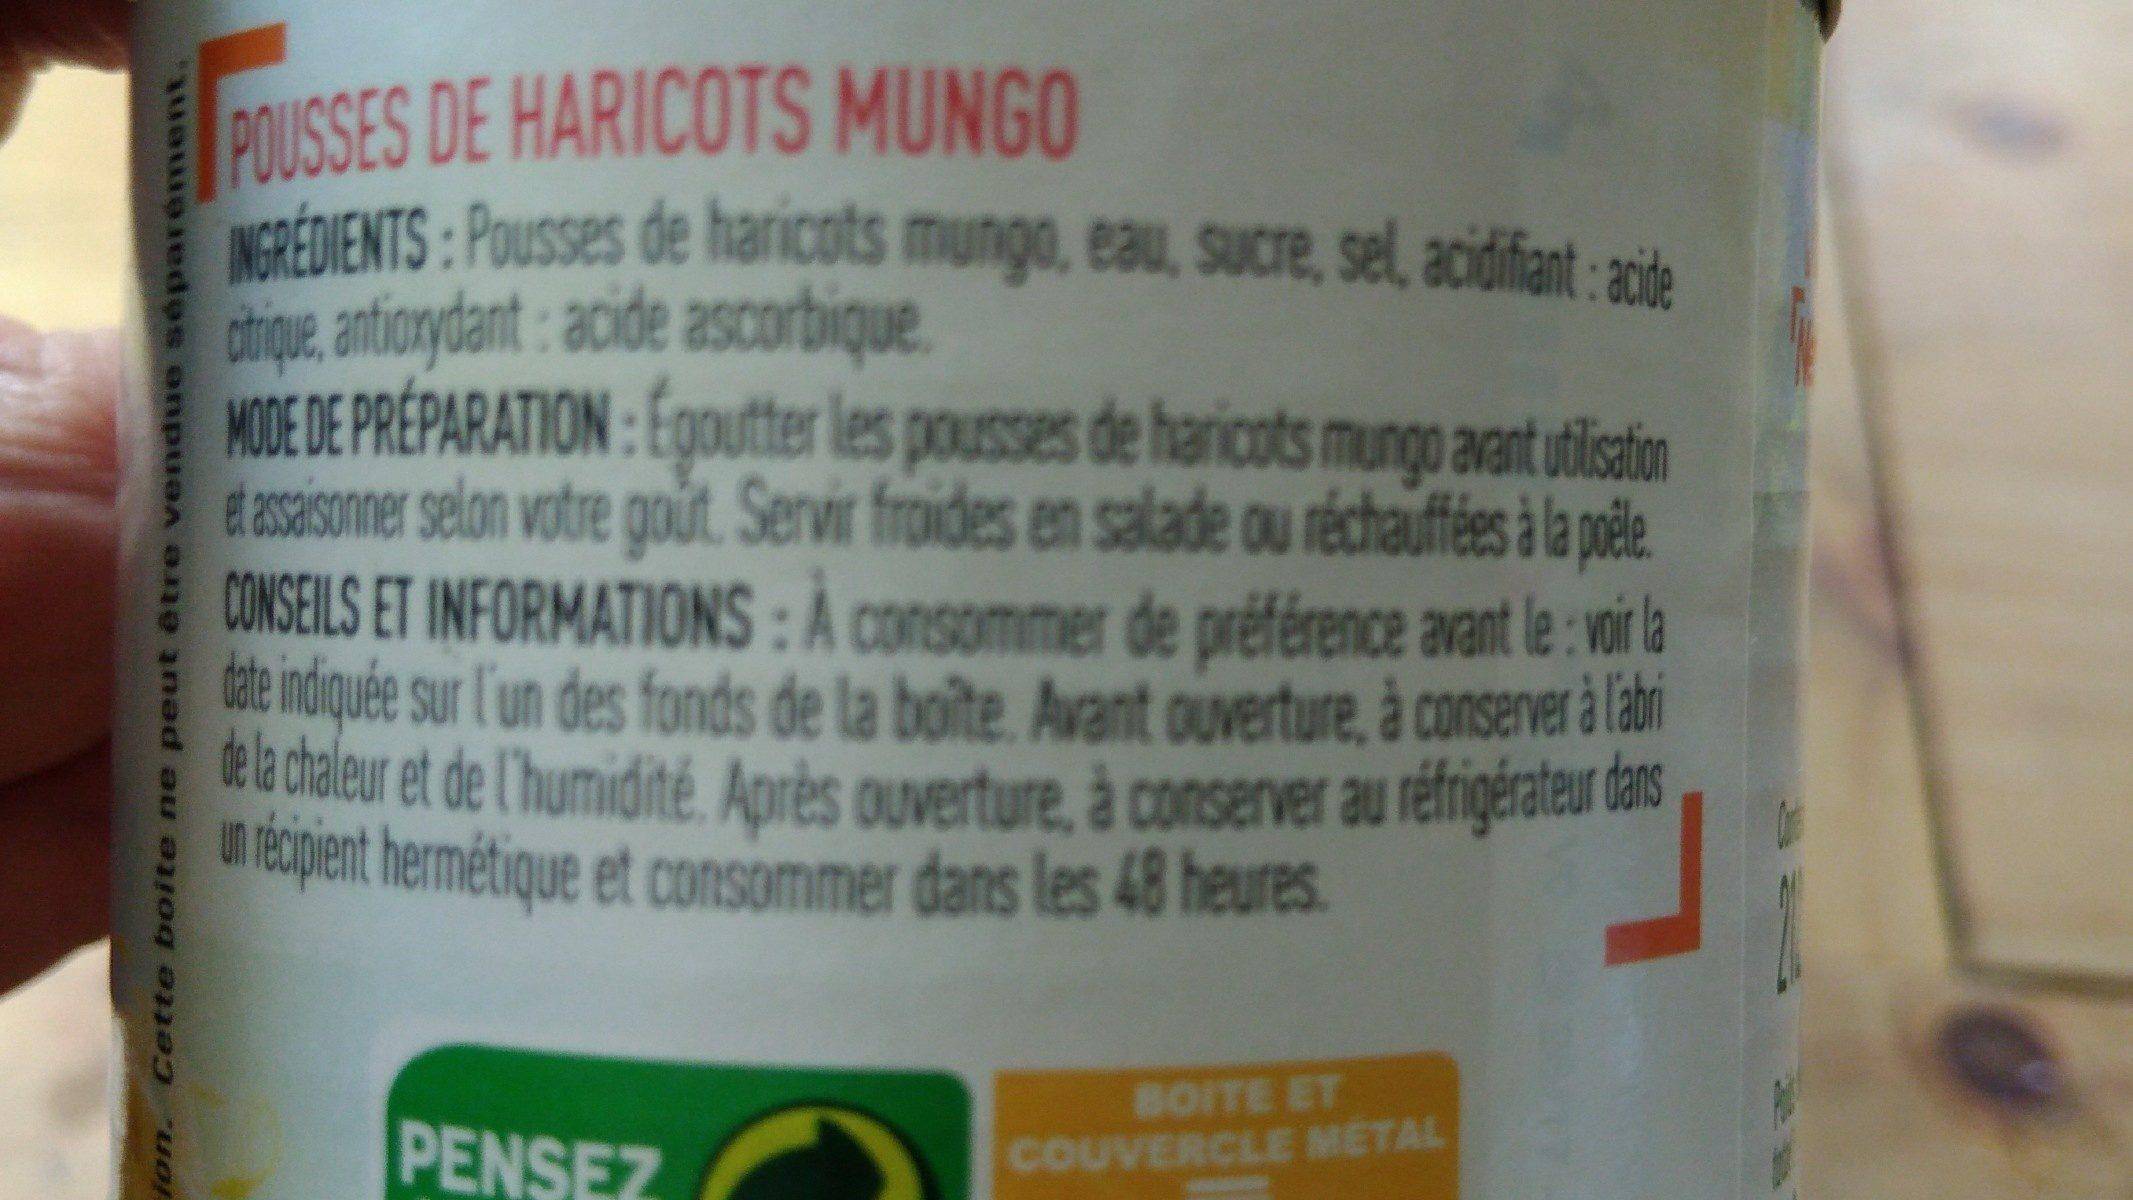 Pousses de haricots mungo - Ingrédients - fr